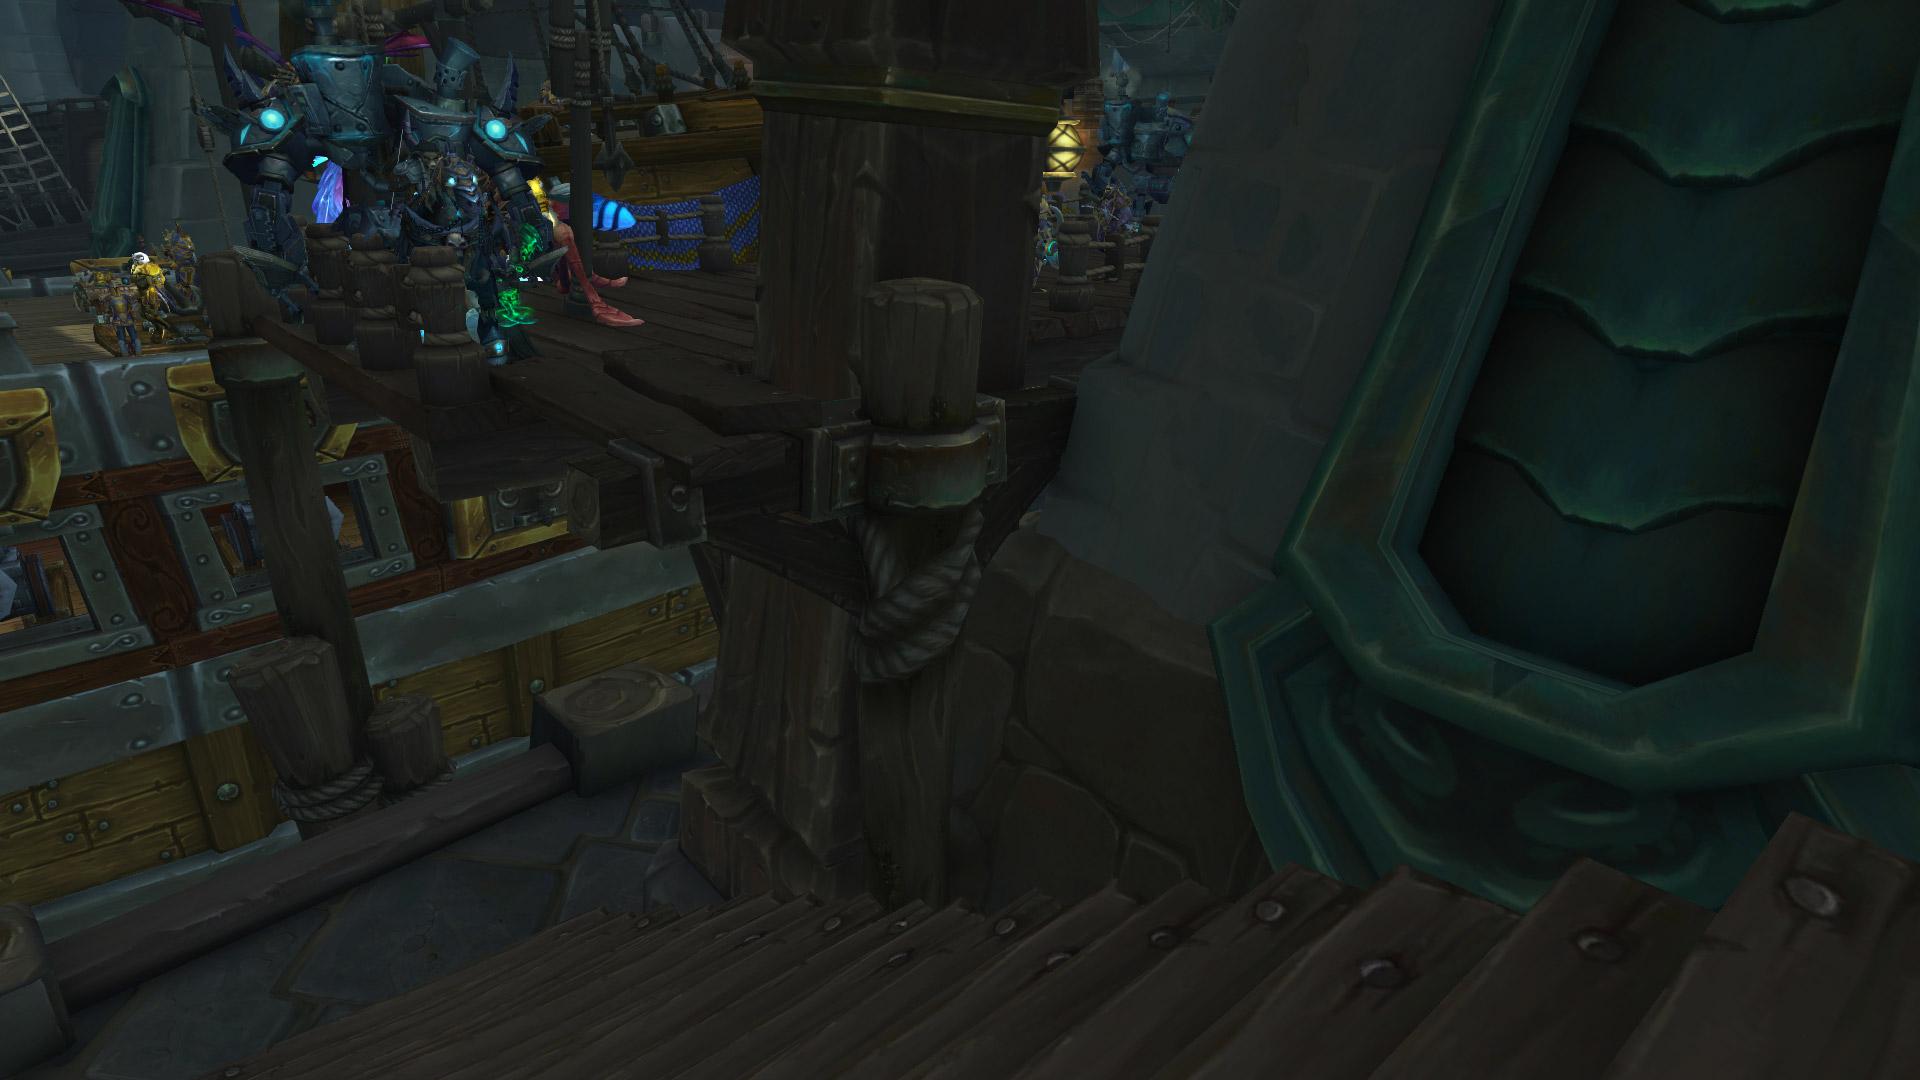 Une planche a été ajoutée à Boralus pour rejoindre le navire de l'Alliance